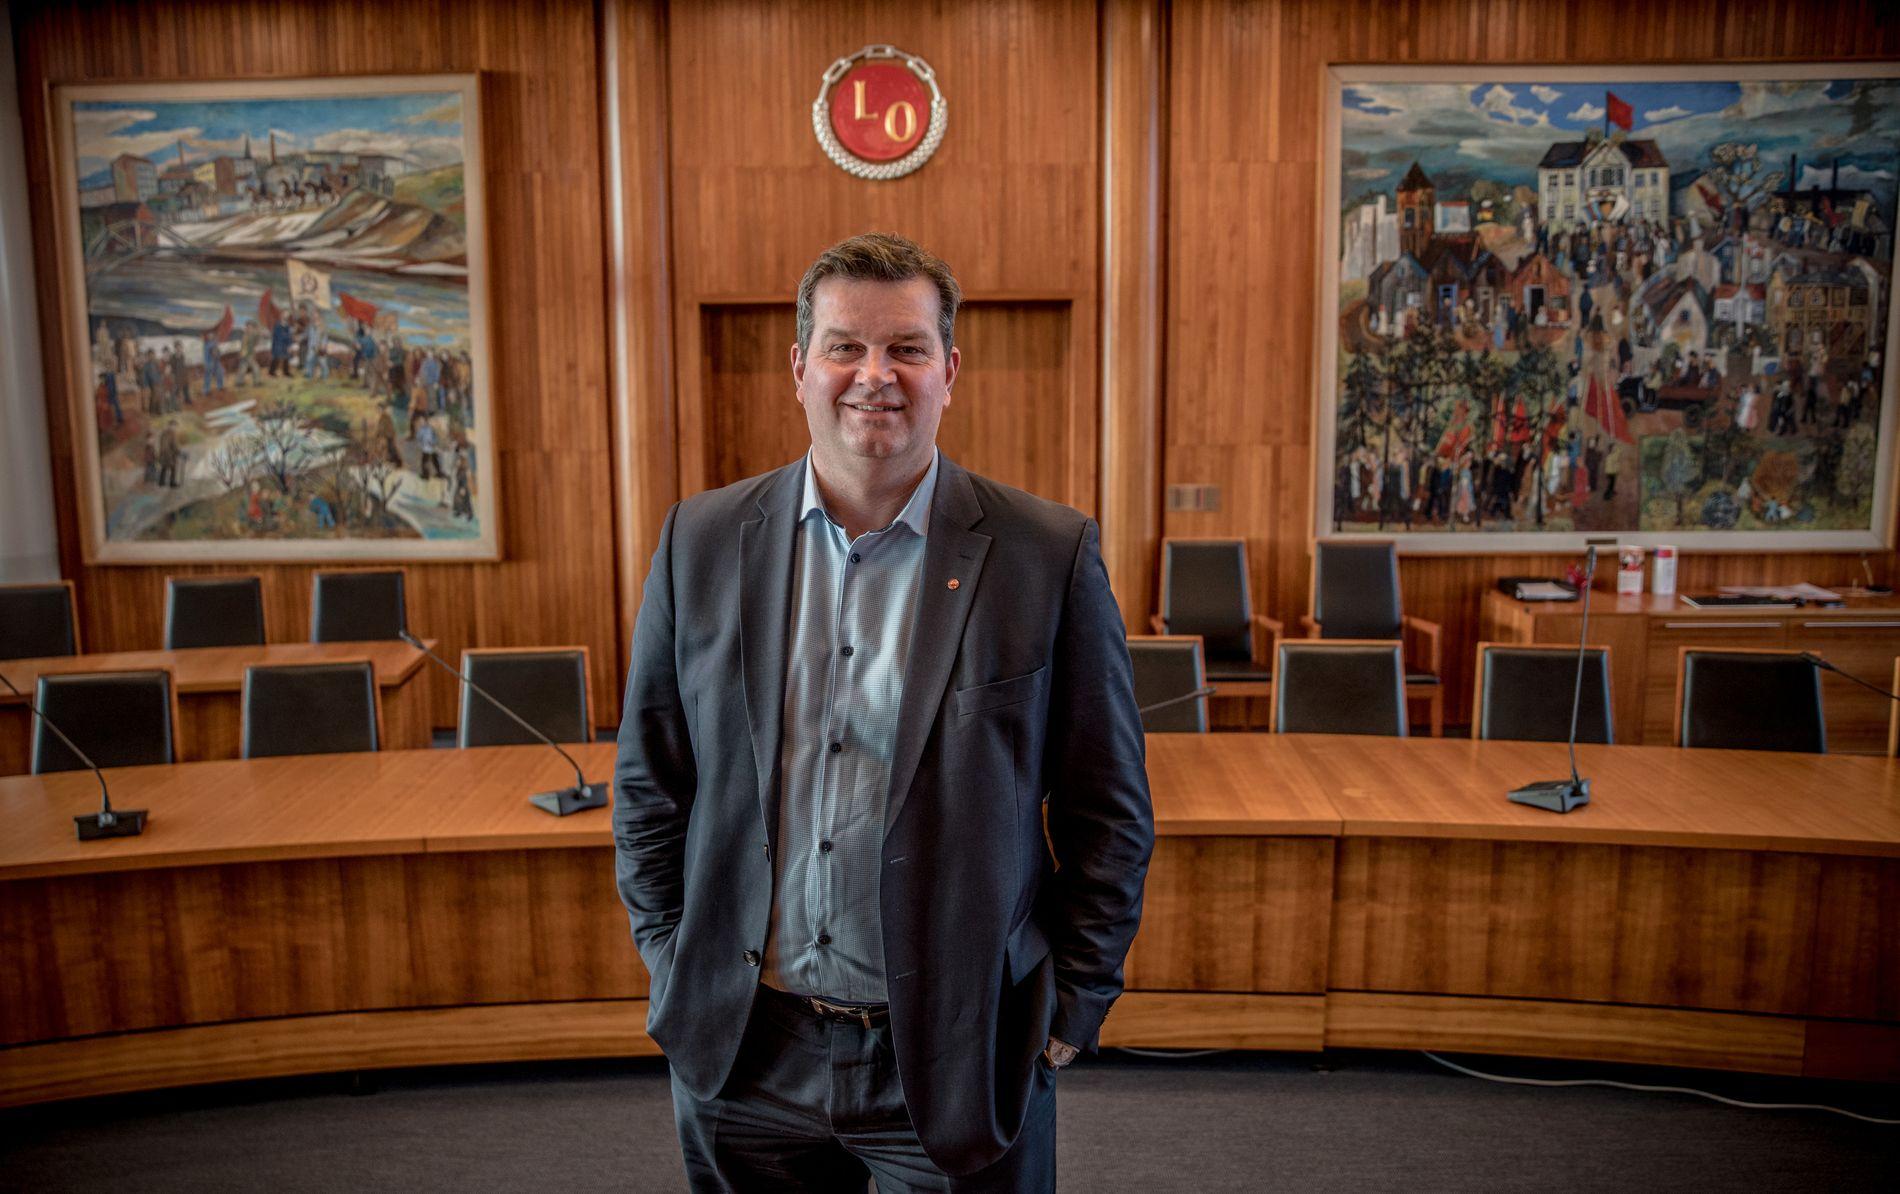 LO-GERD-ARVTAGER: Hans Christian Gabrielsen i sekretariatsalen i toppetasjen i Folkets Hus på Youngstorget.